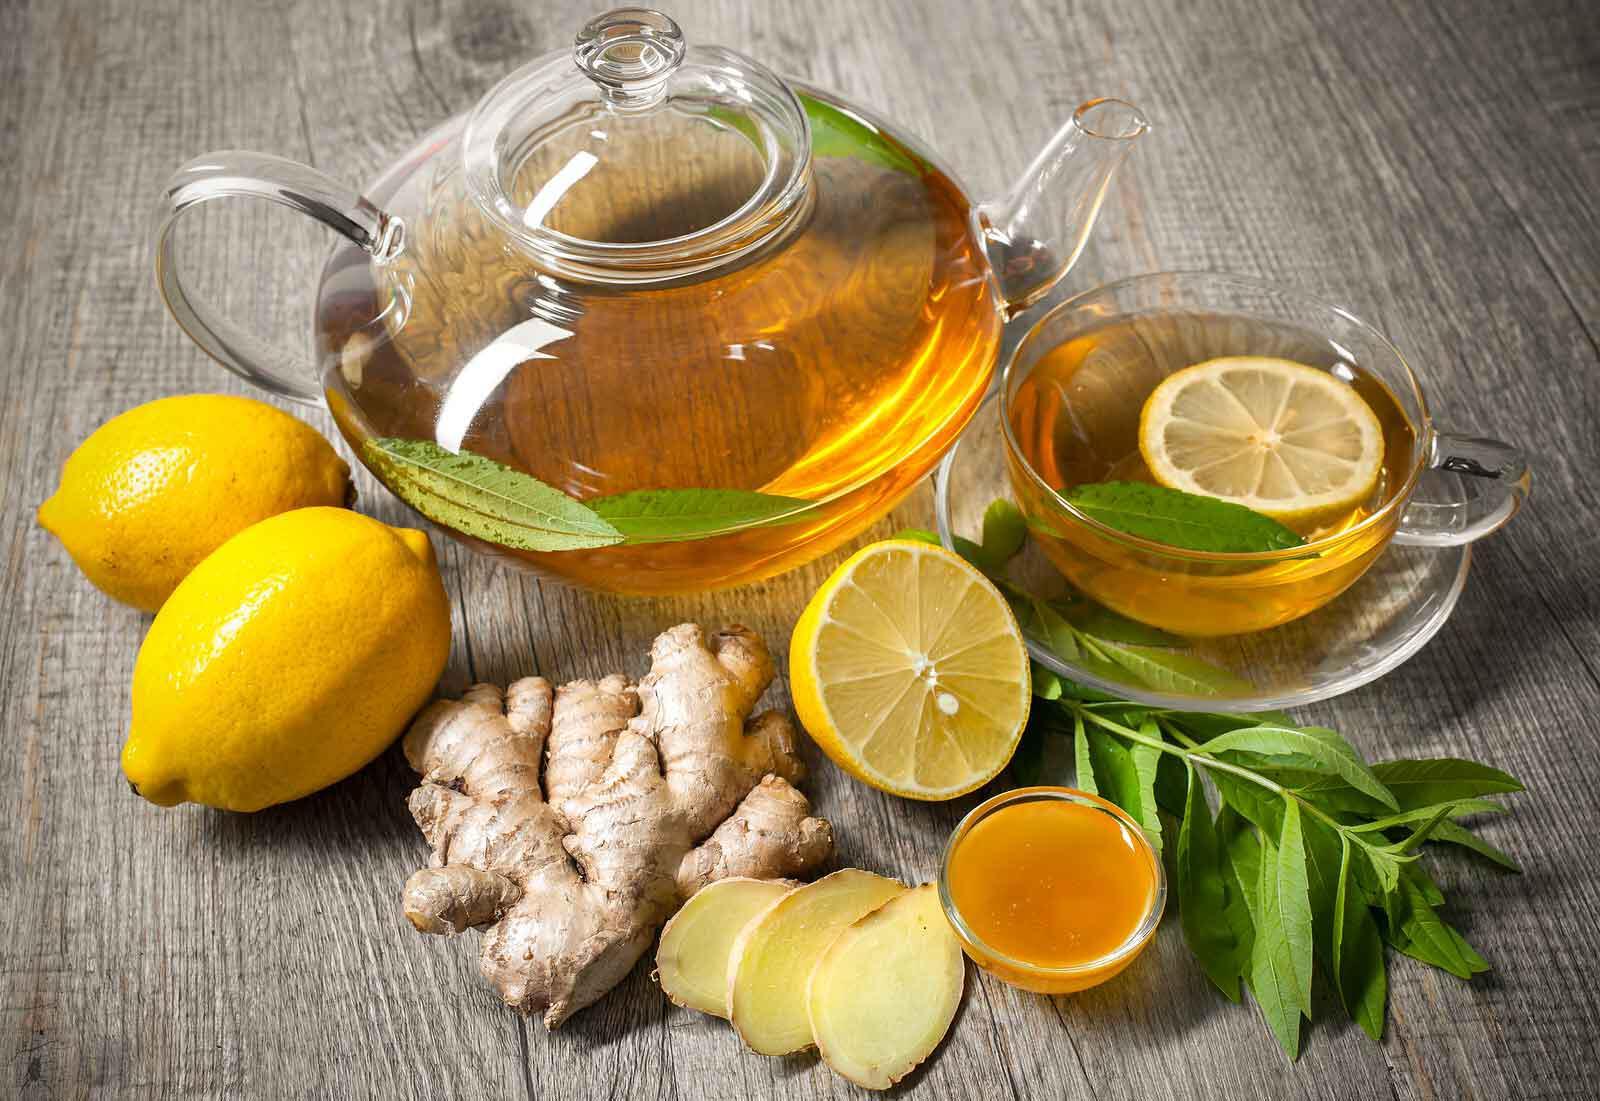 rimedio naturale contro l'influenza con miele, zenzero e limone.